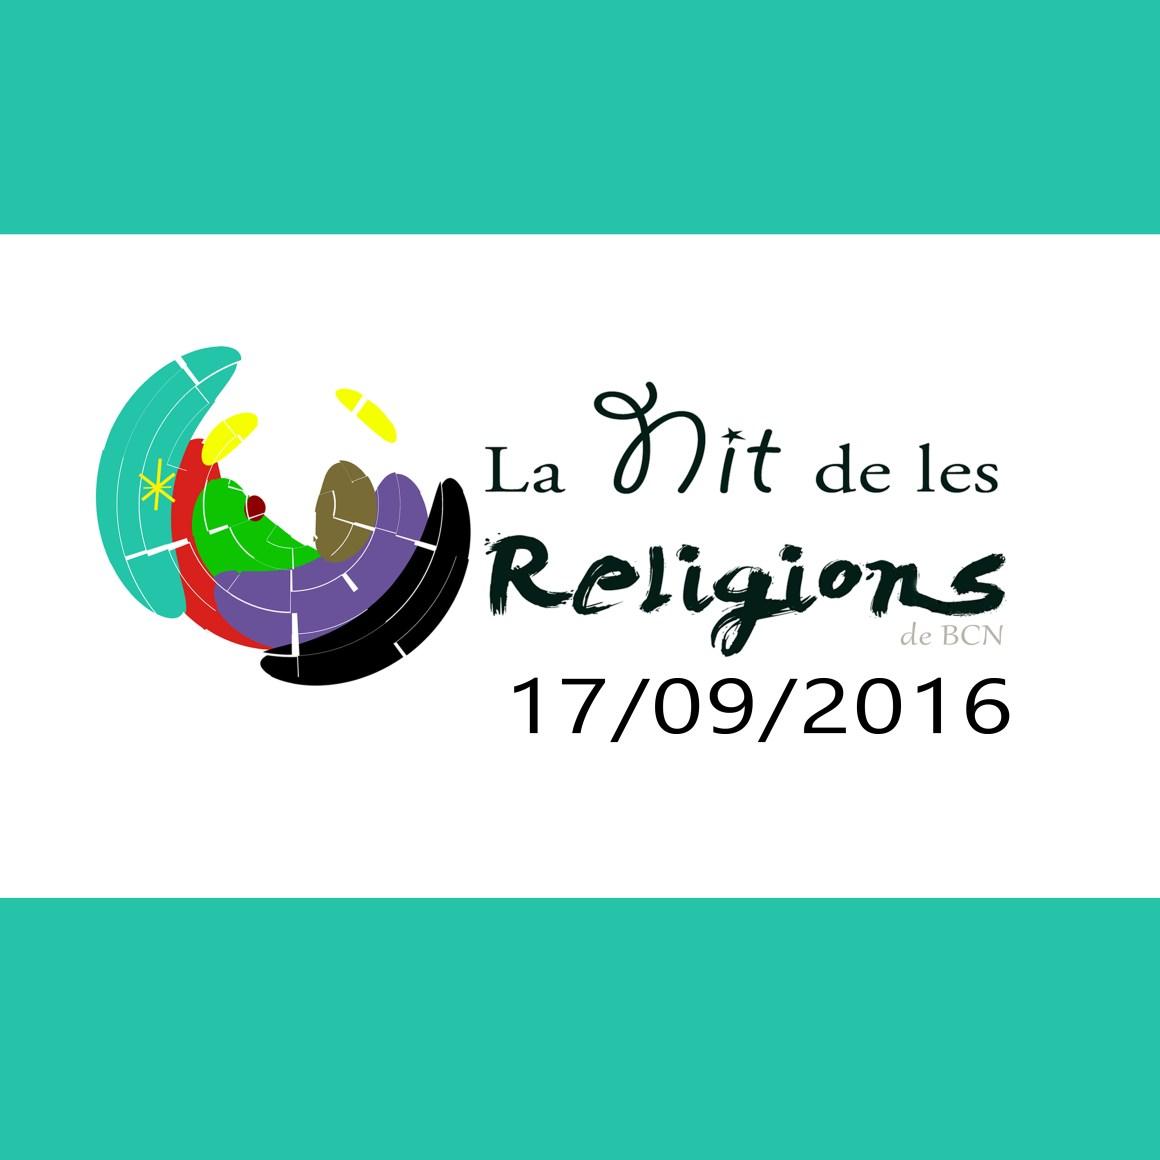 Tve i Nit de les Religions-L'Entrevista de l'Informatiu